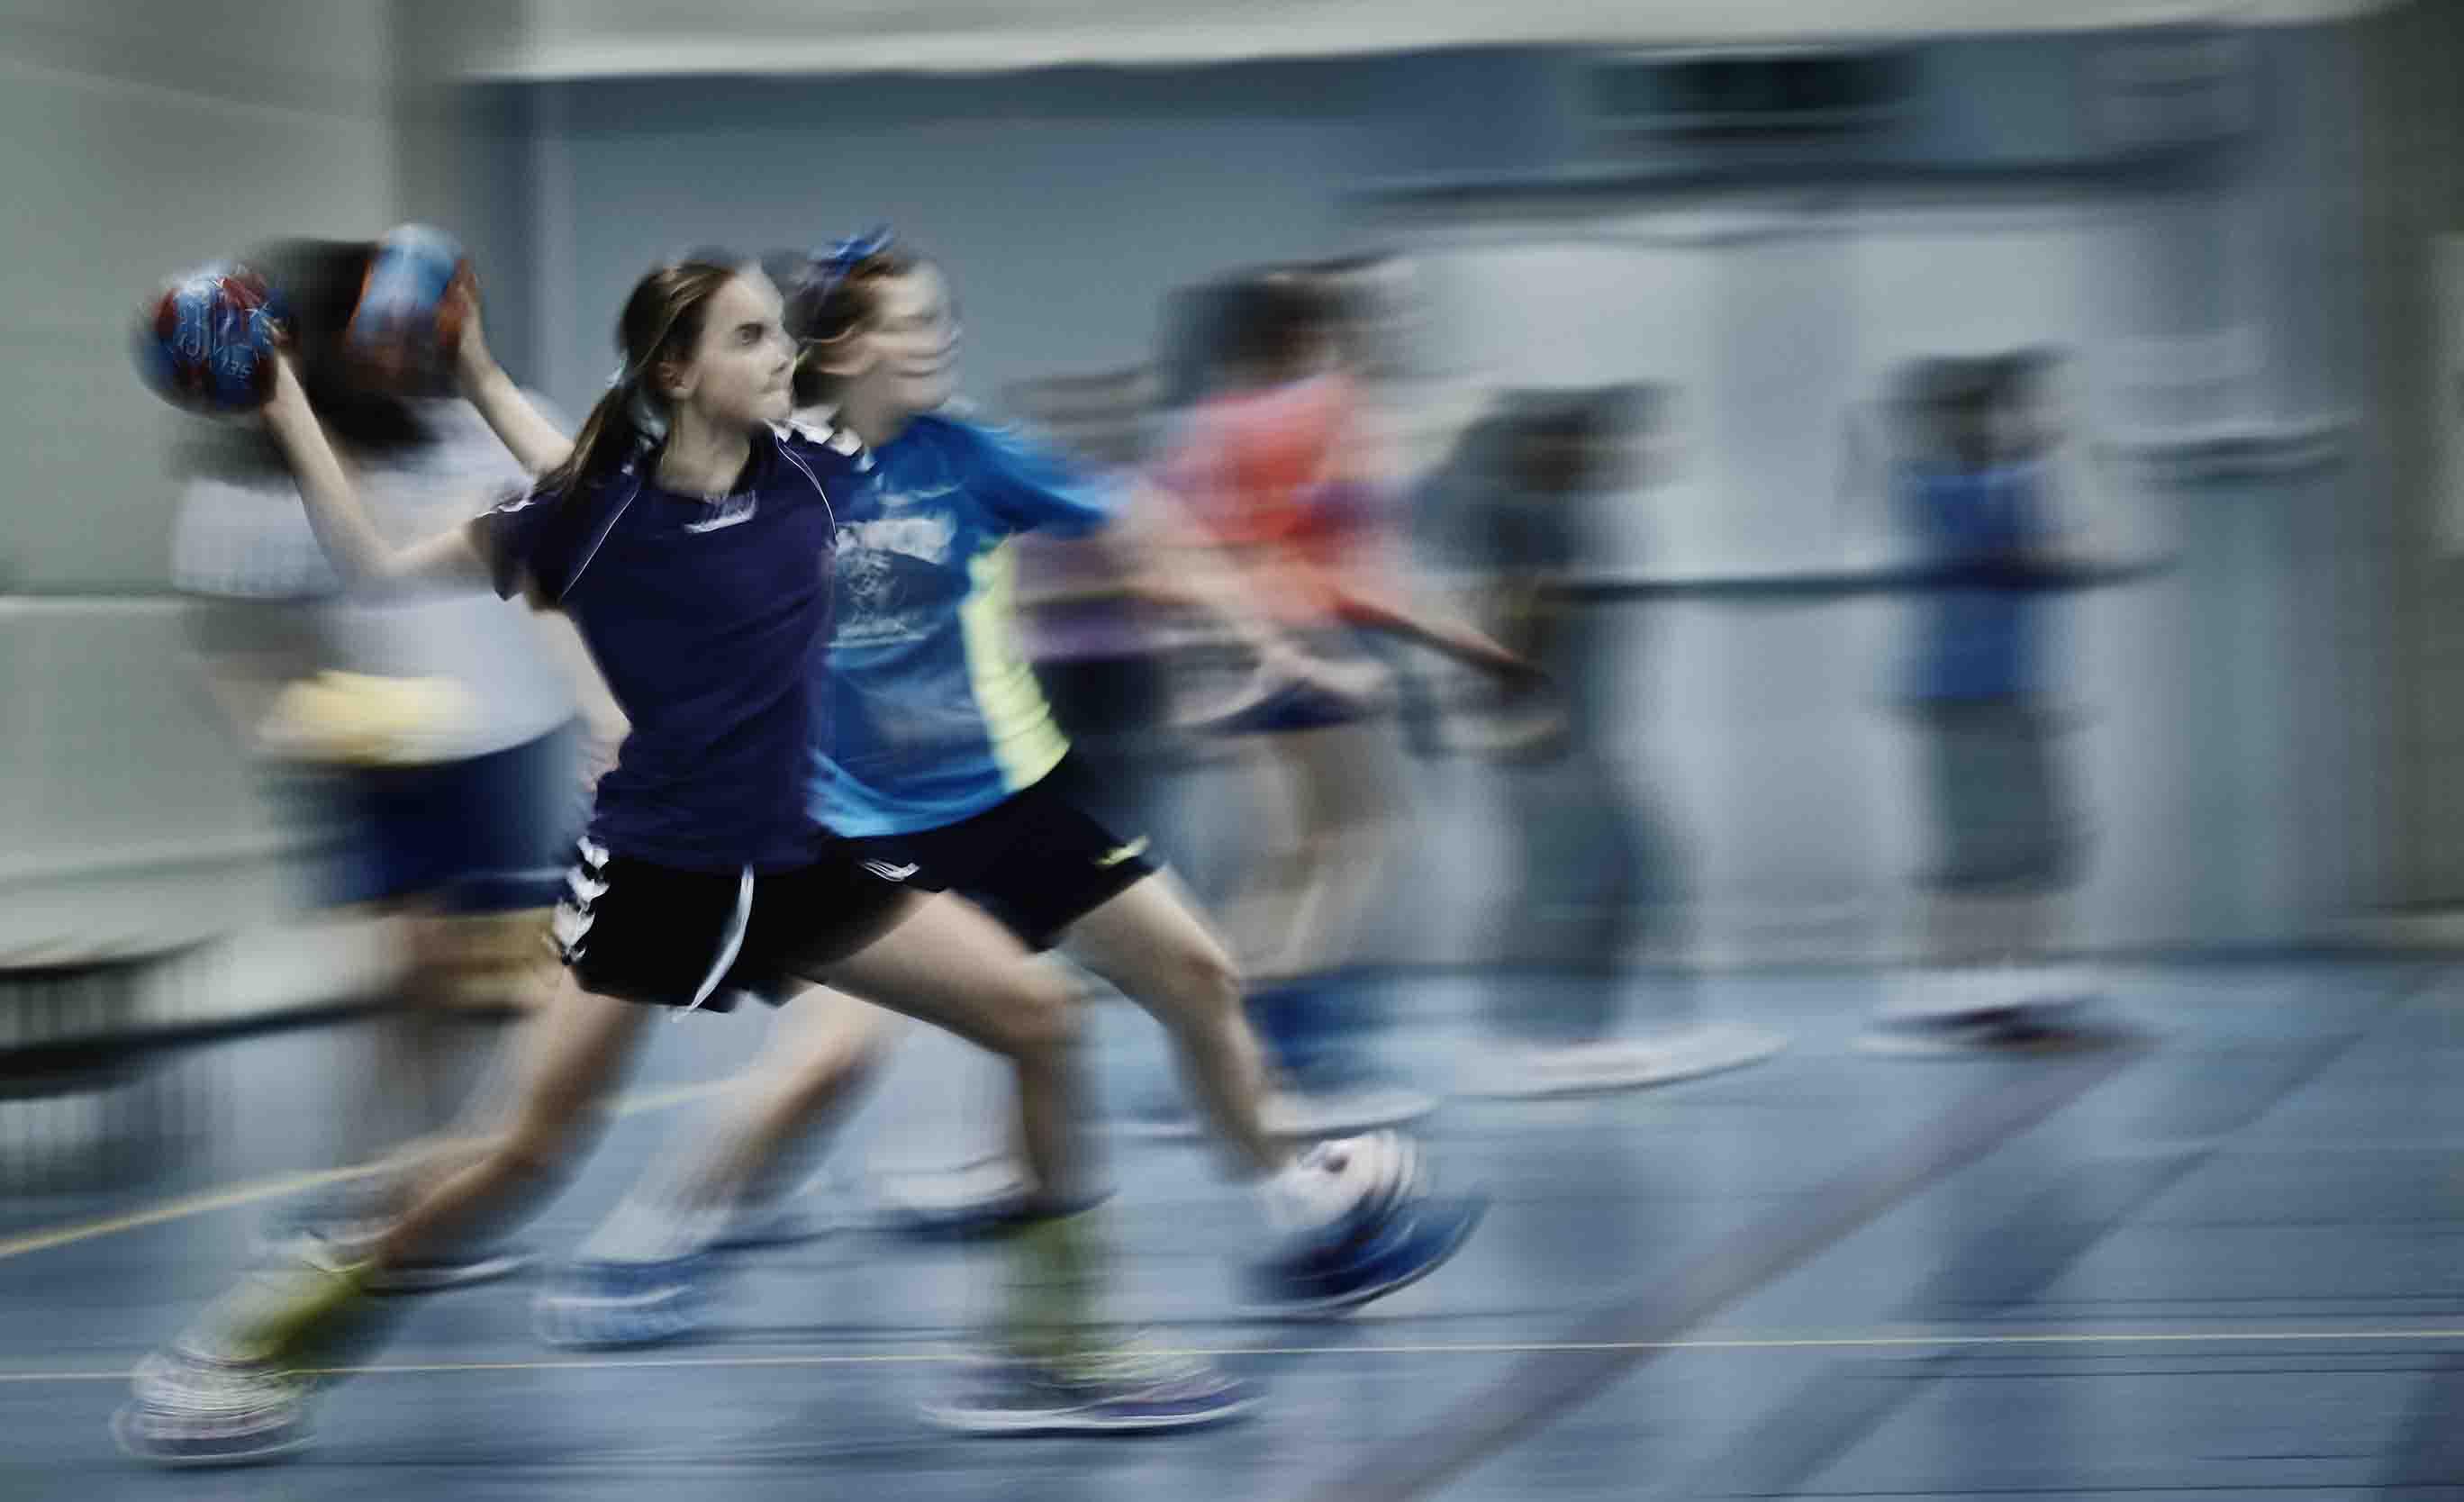 Regjeringen anbefaler at all innendørsidrett utsettes til etter 18. januar